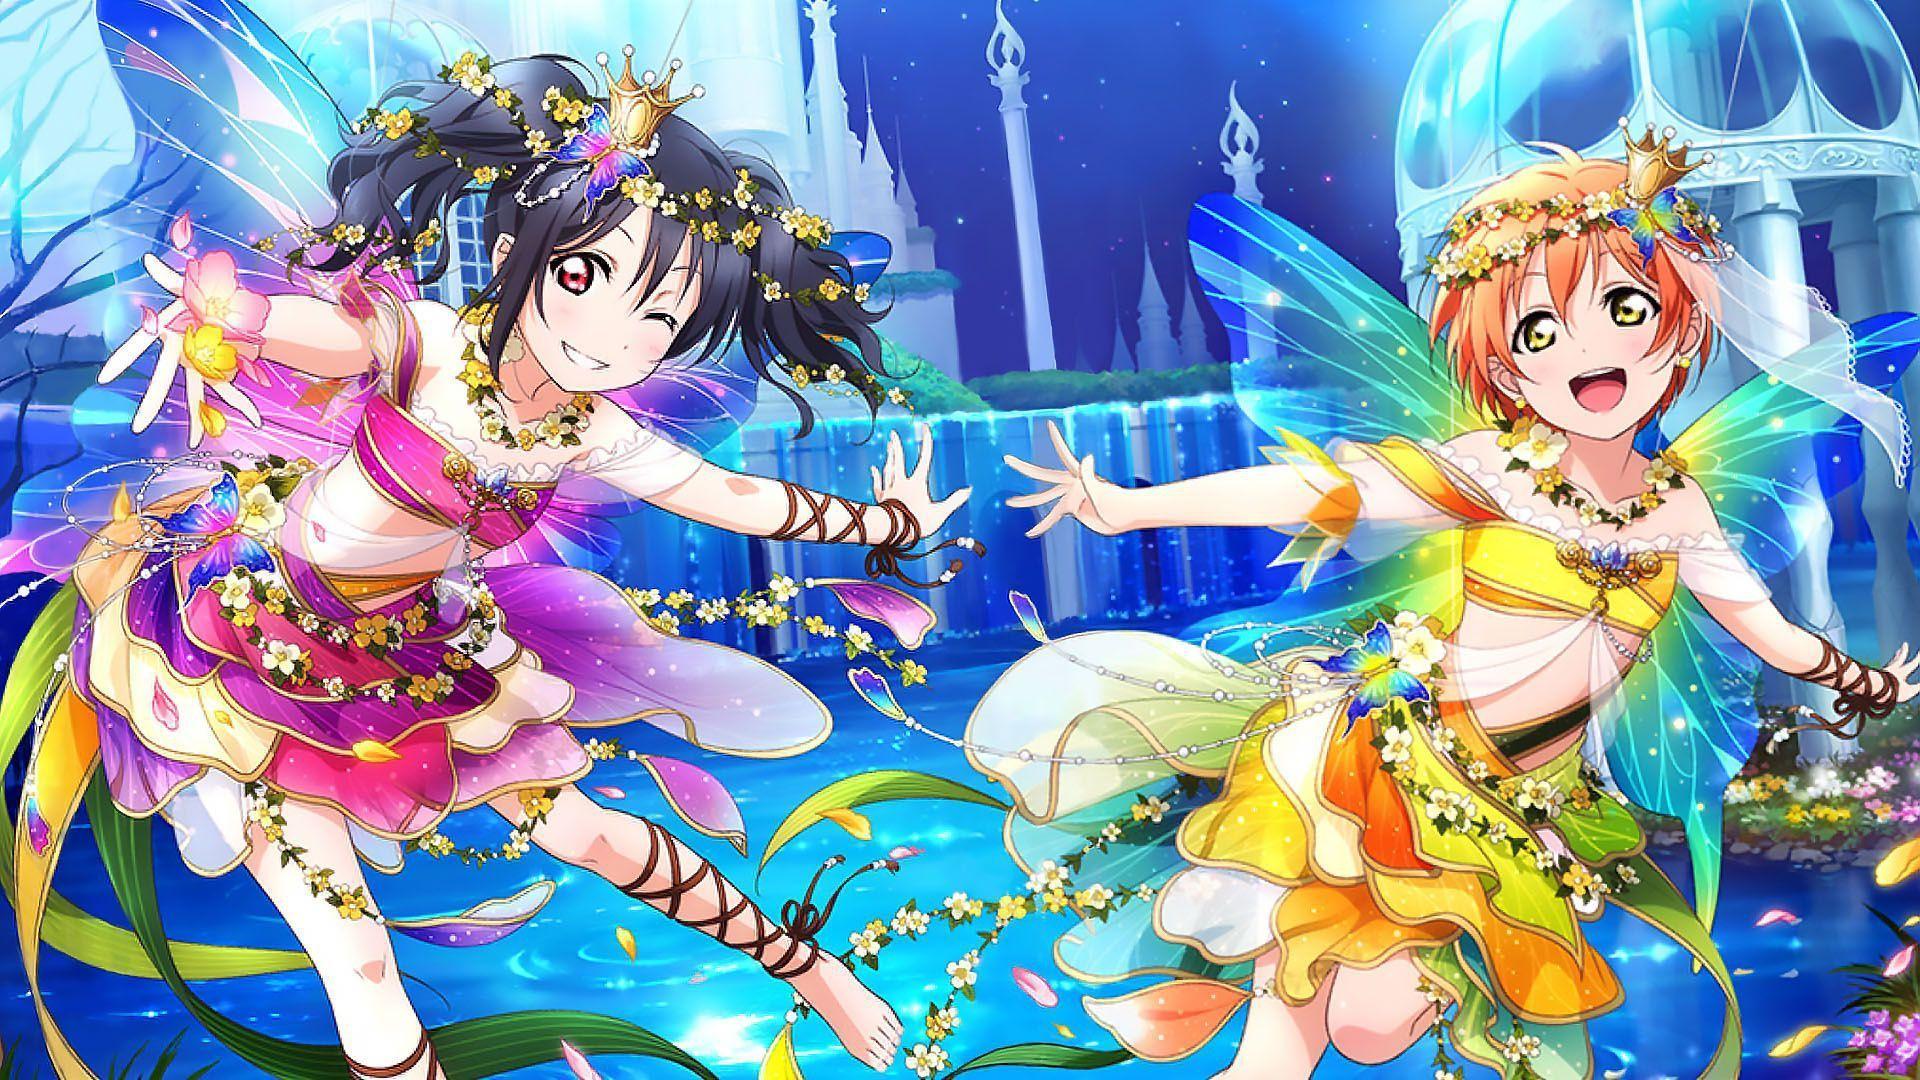 Love Live Wallpaper Zerochan Anime Image Board 1920x1080 Wallpapers 31